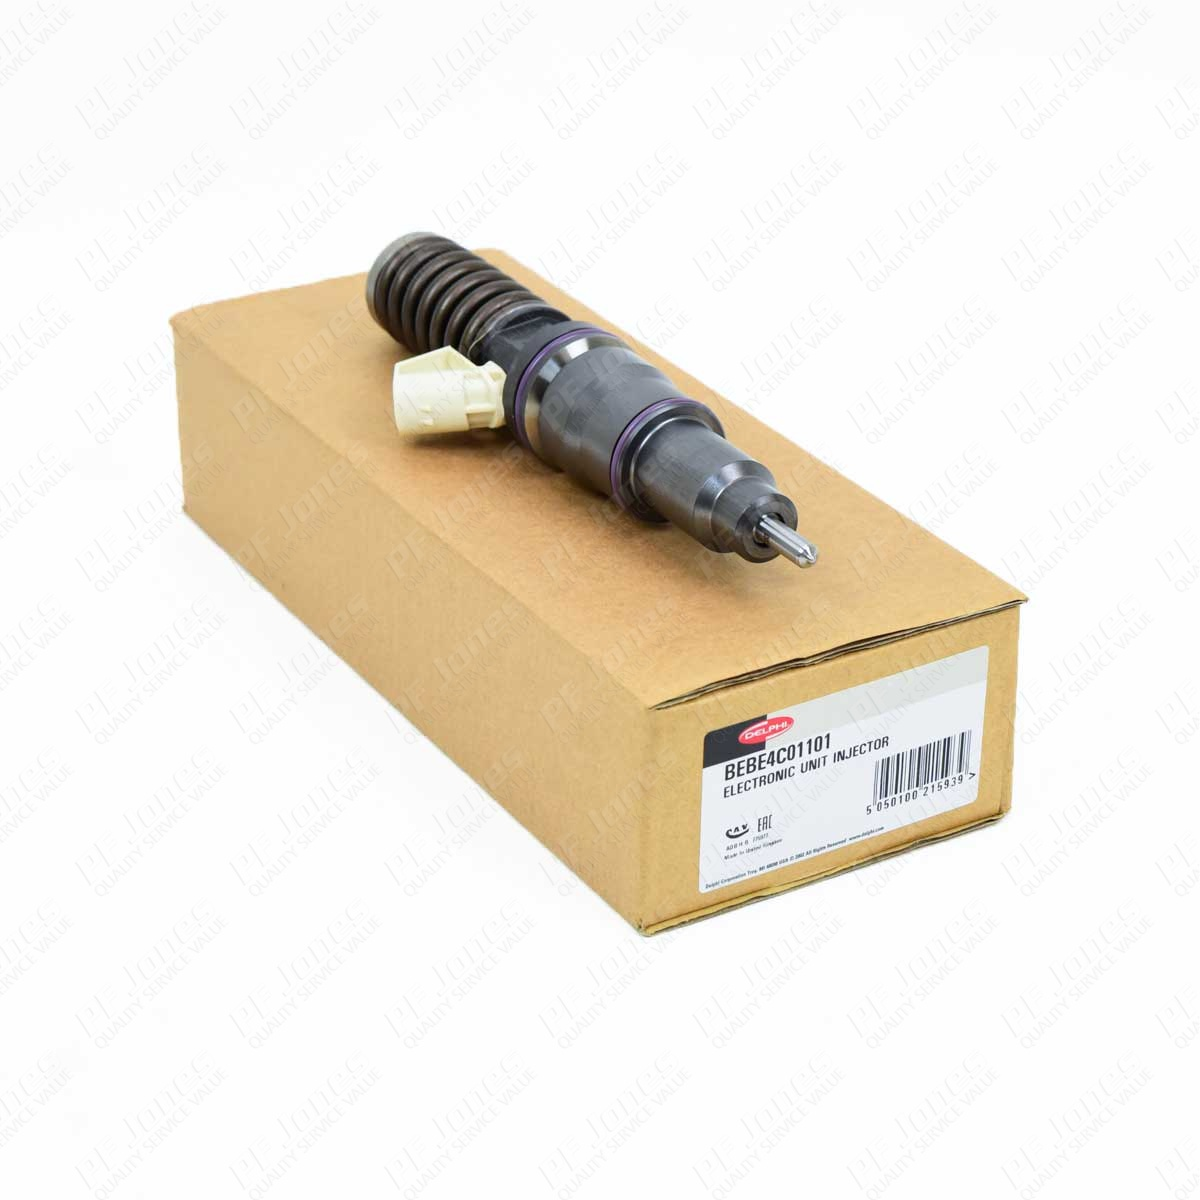 Volvo FM 12.1 D 08/1999-08/2005 New Delphi Diesel EUI Injector BEBE4C01101